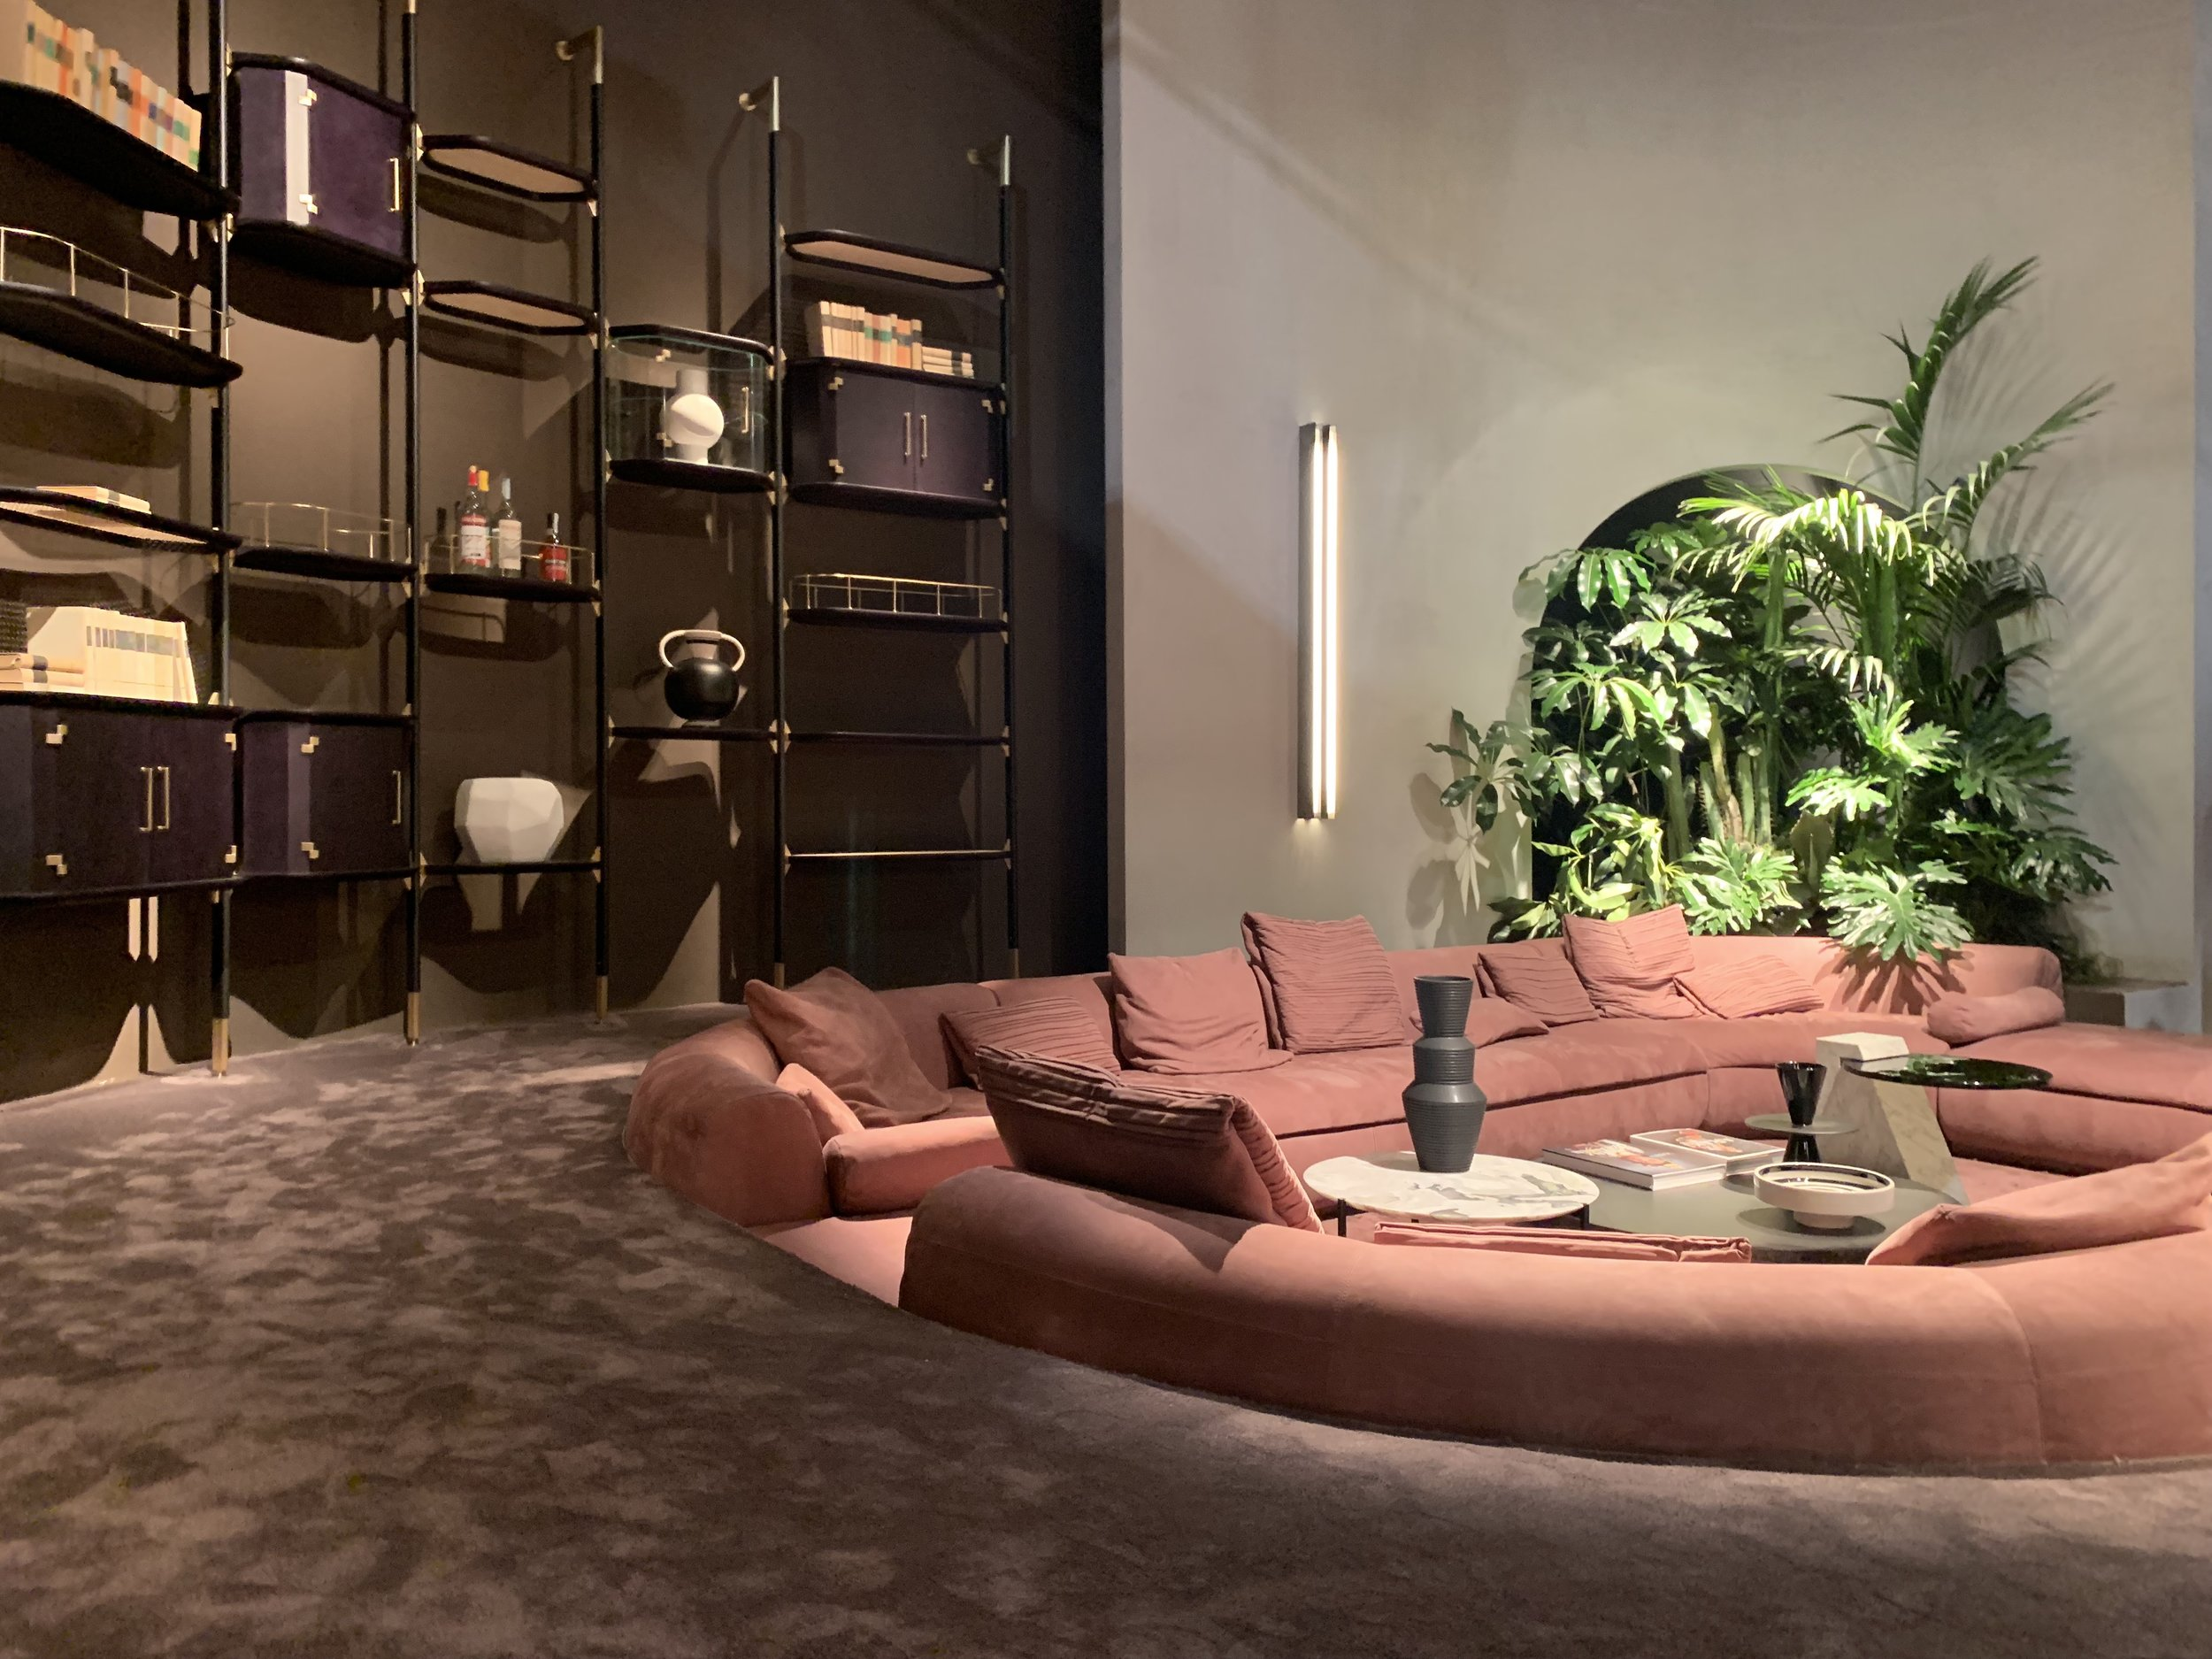 041Salone del Mobile 2019 Lex de gooijer interiors rotterdam.JPG